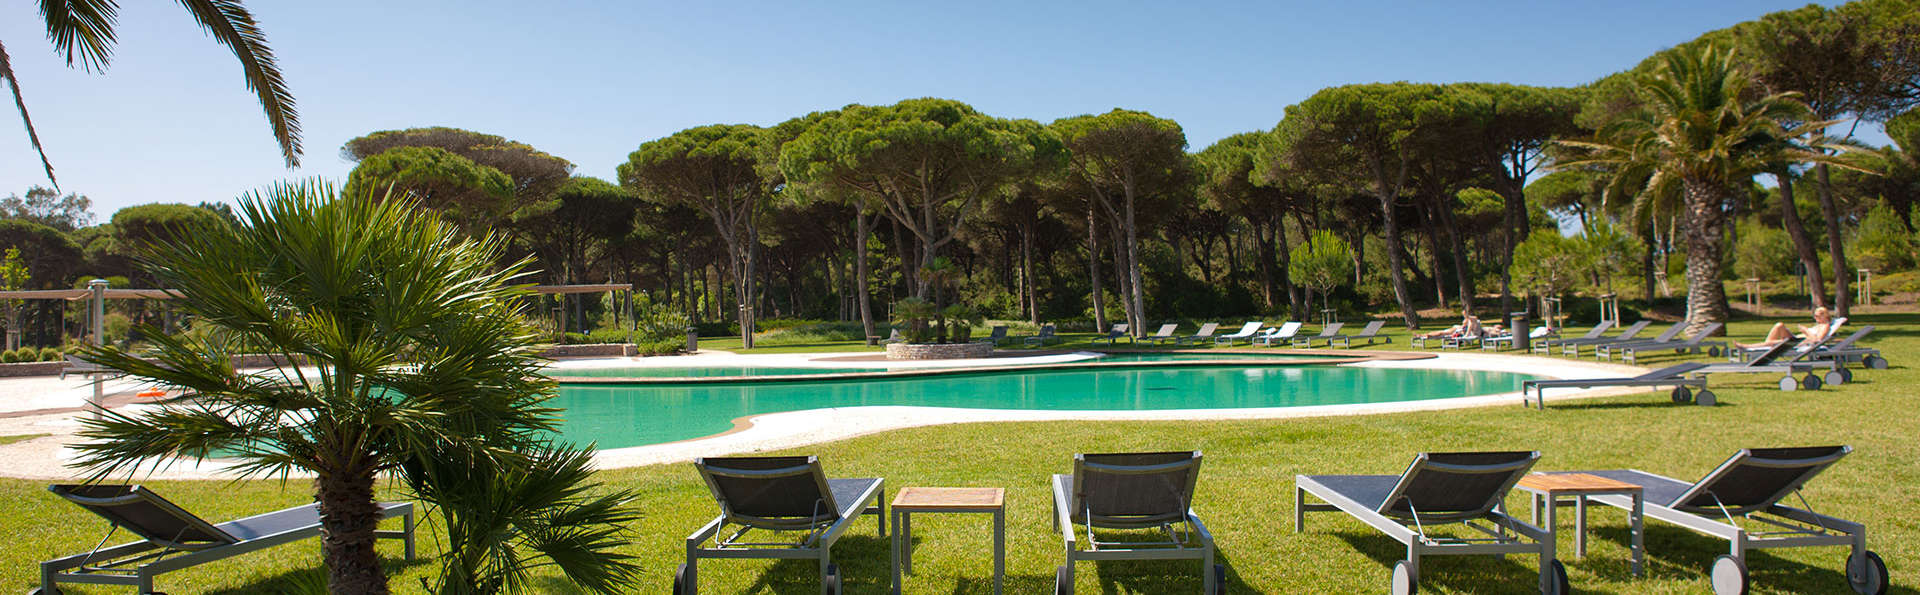 Sheraton Cascais Resort - edit_garden_poolX2.jpg